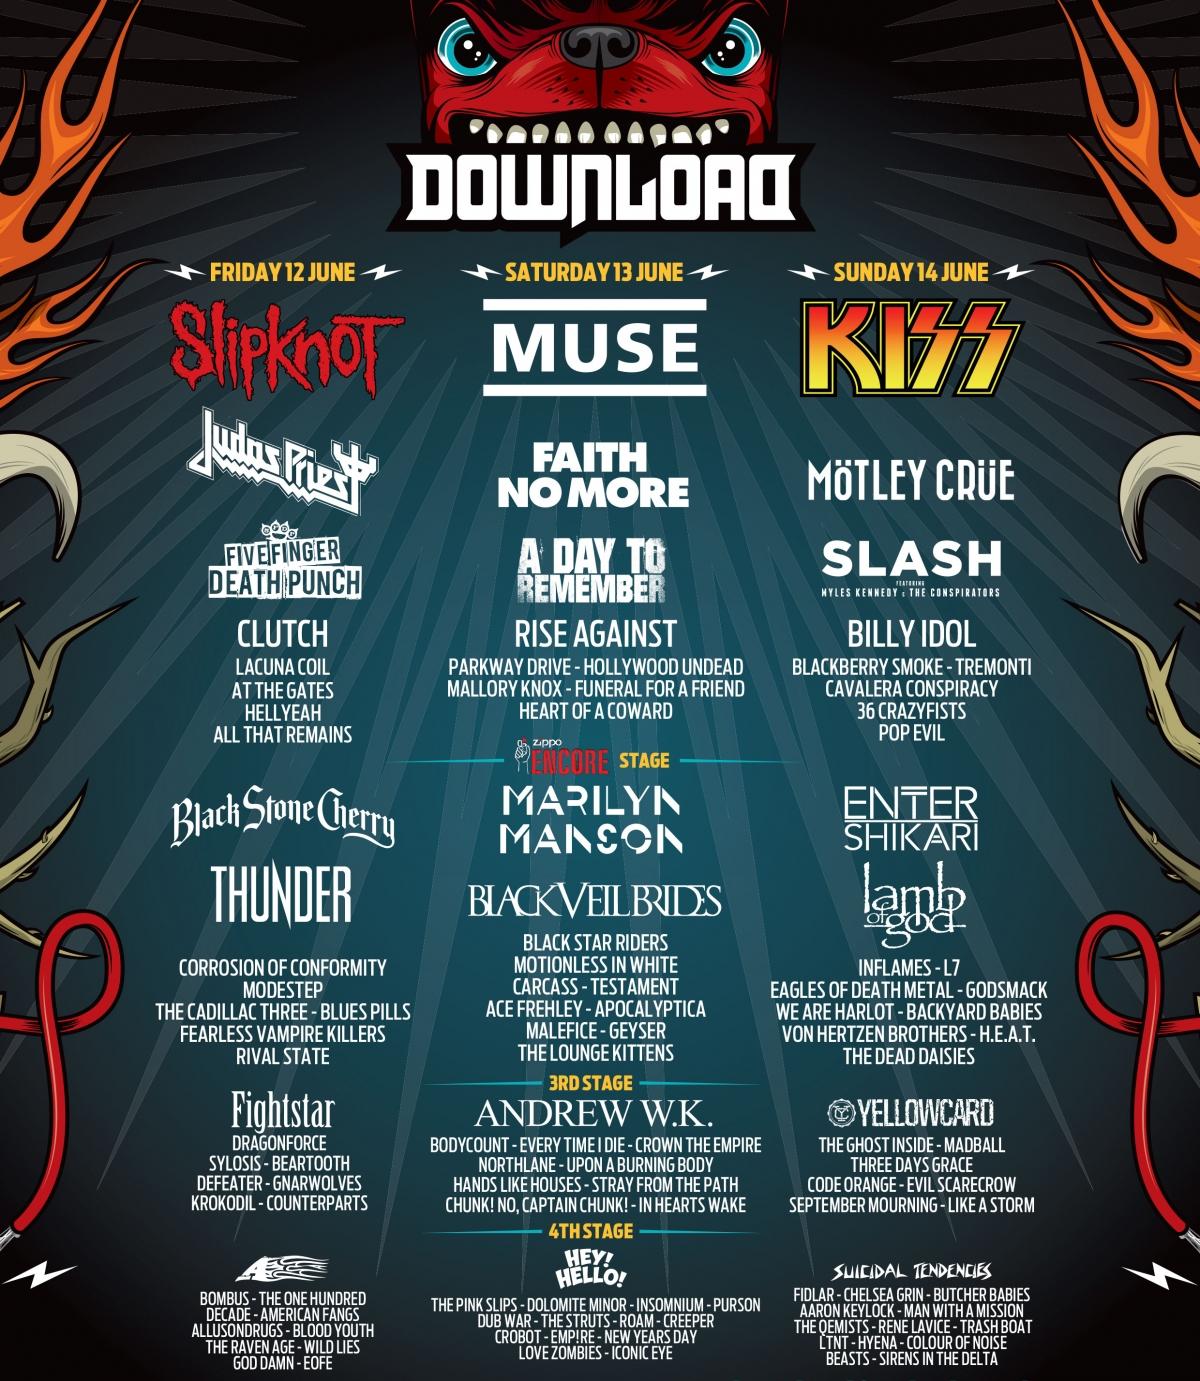 Download Festival Japan (@DownloadFestJP) | Twitter